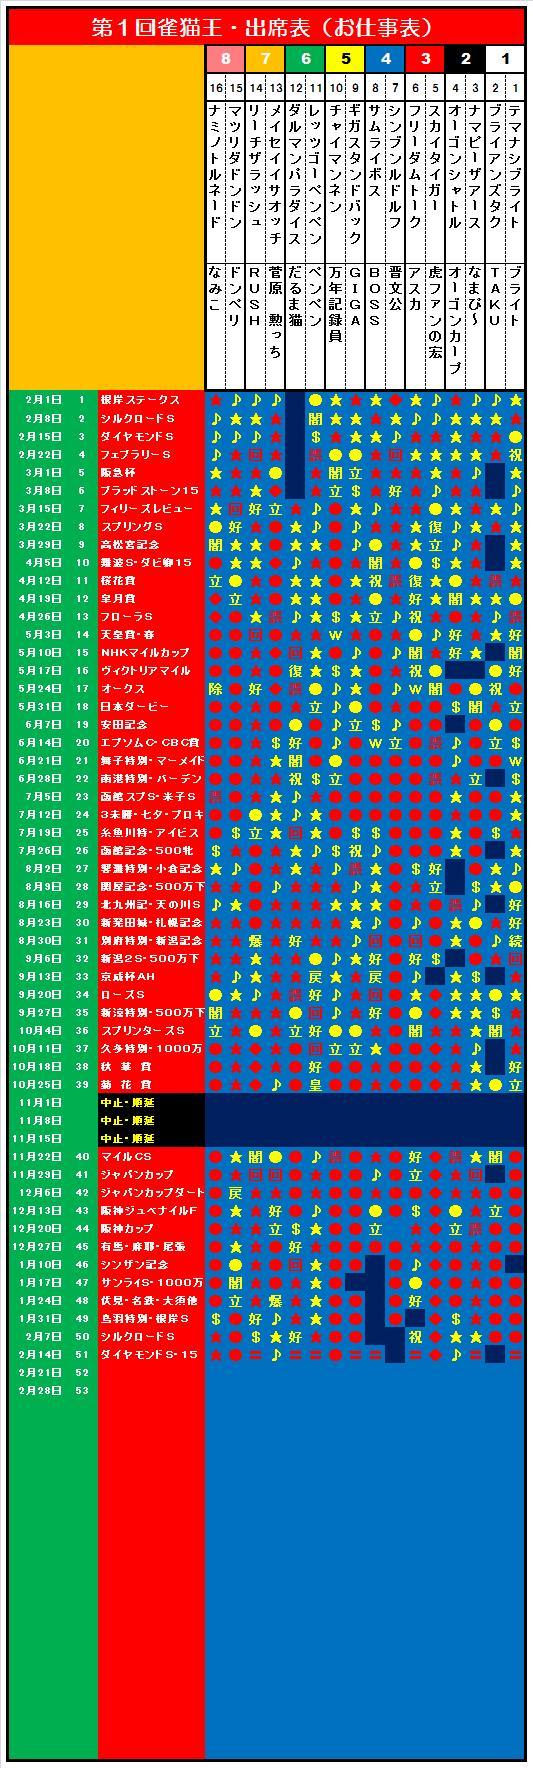 20100218・A組回顧資料85.jpg